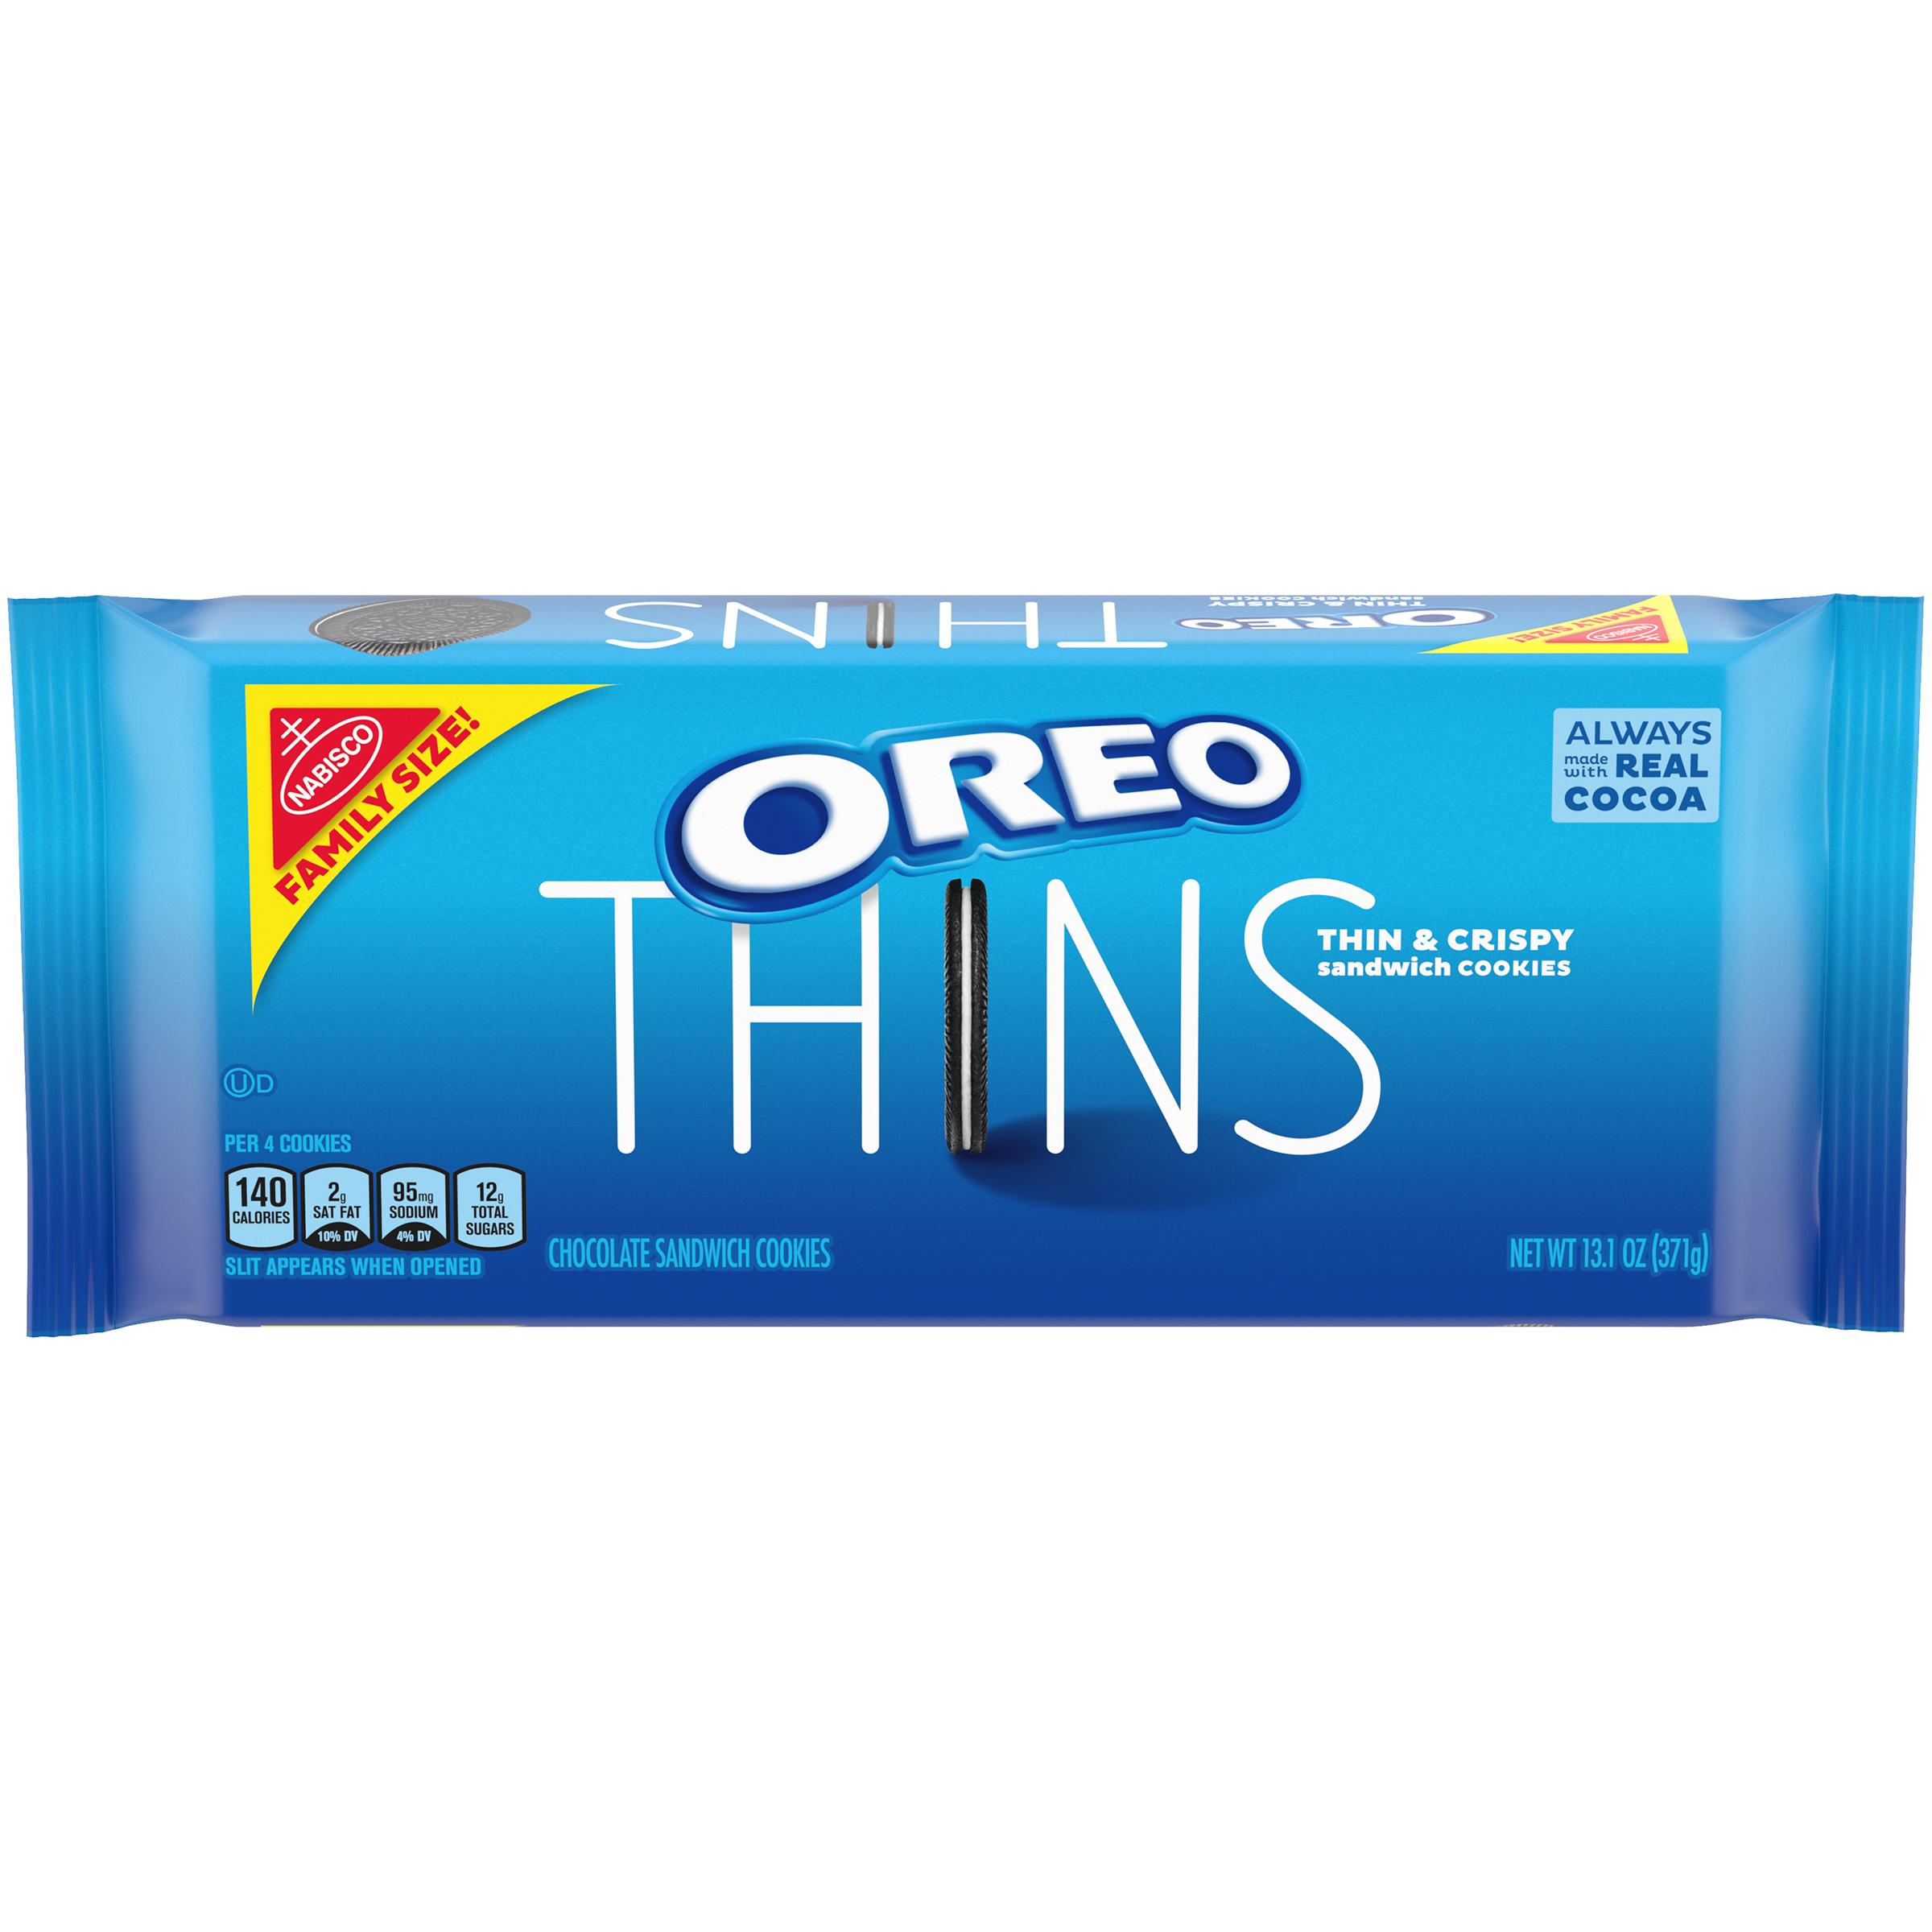 OREO Thins Family Size Cookies 13.1 oz